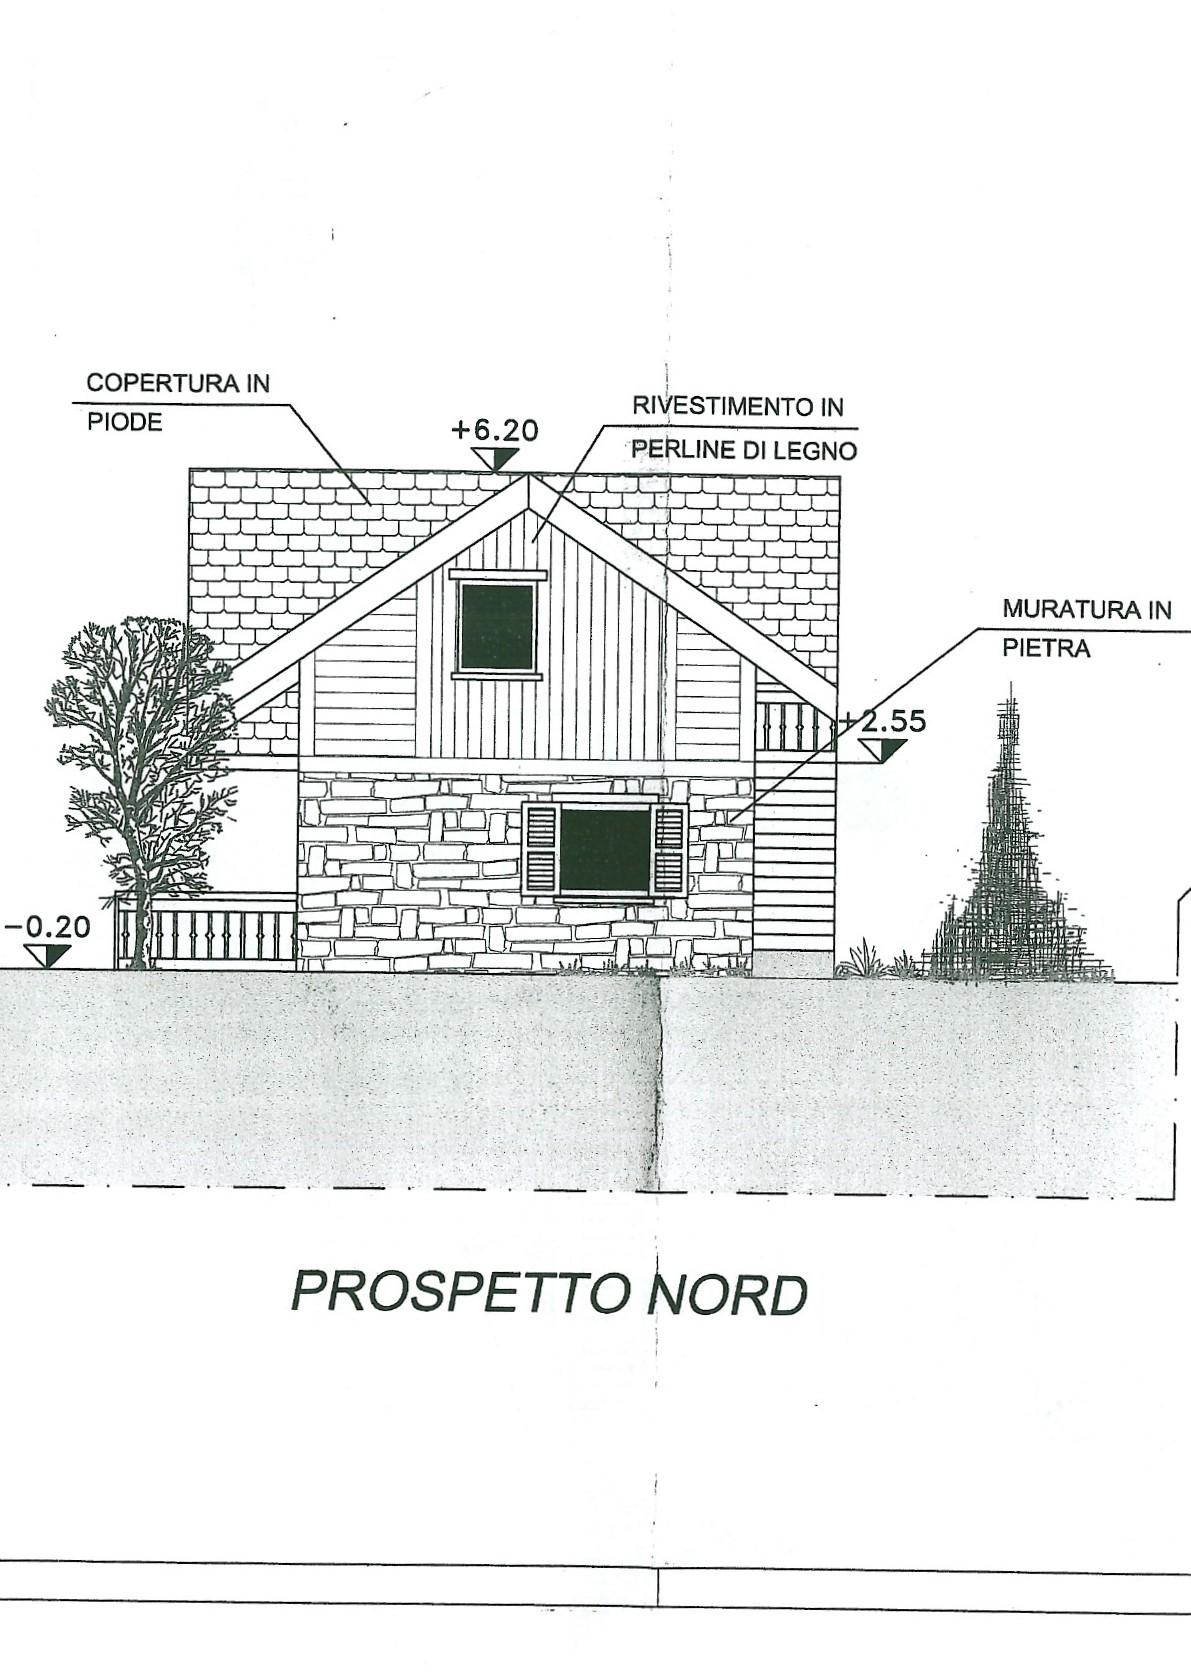 prospetto nord